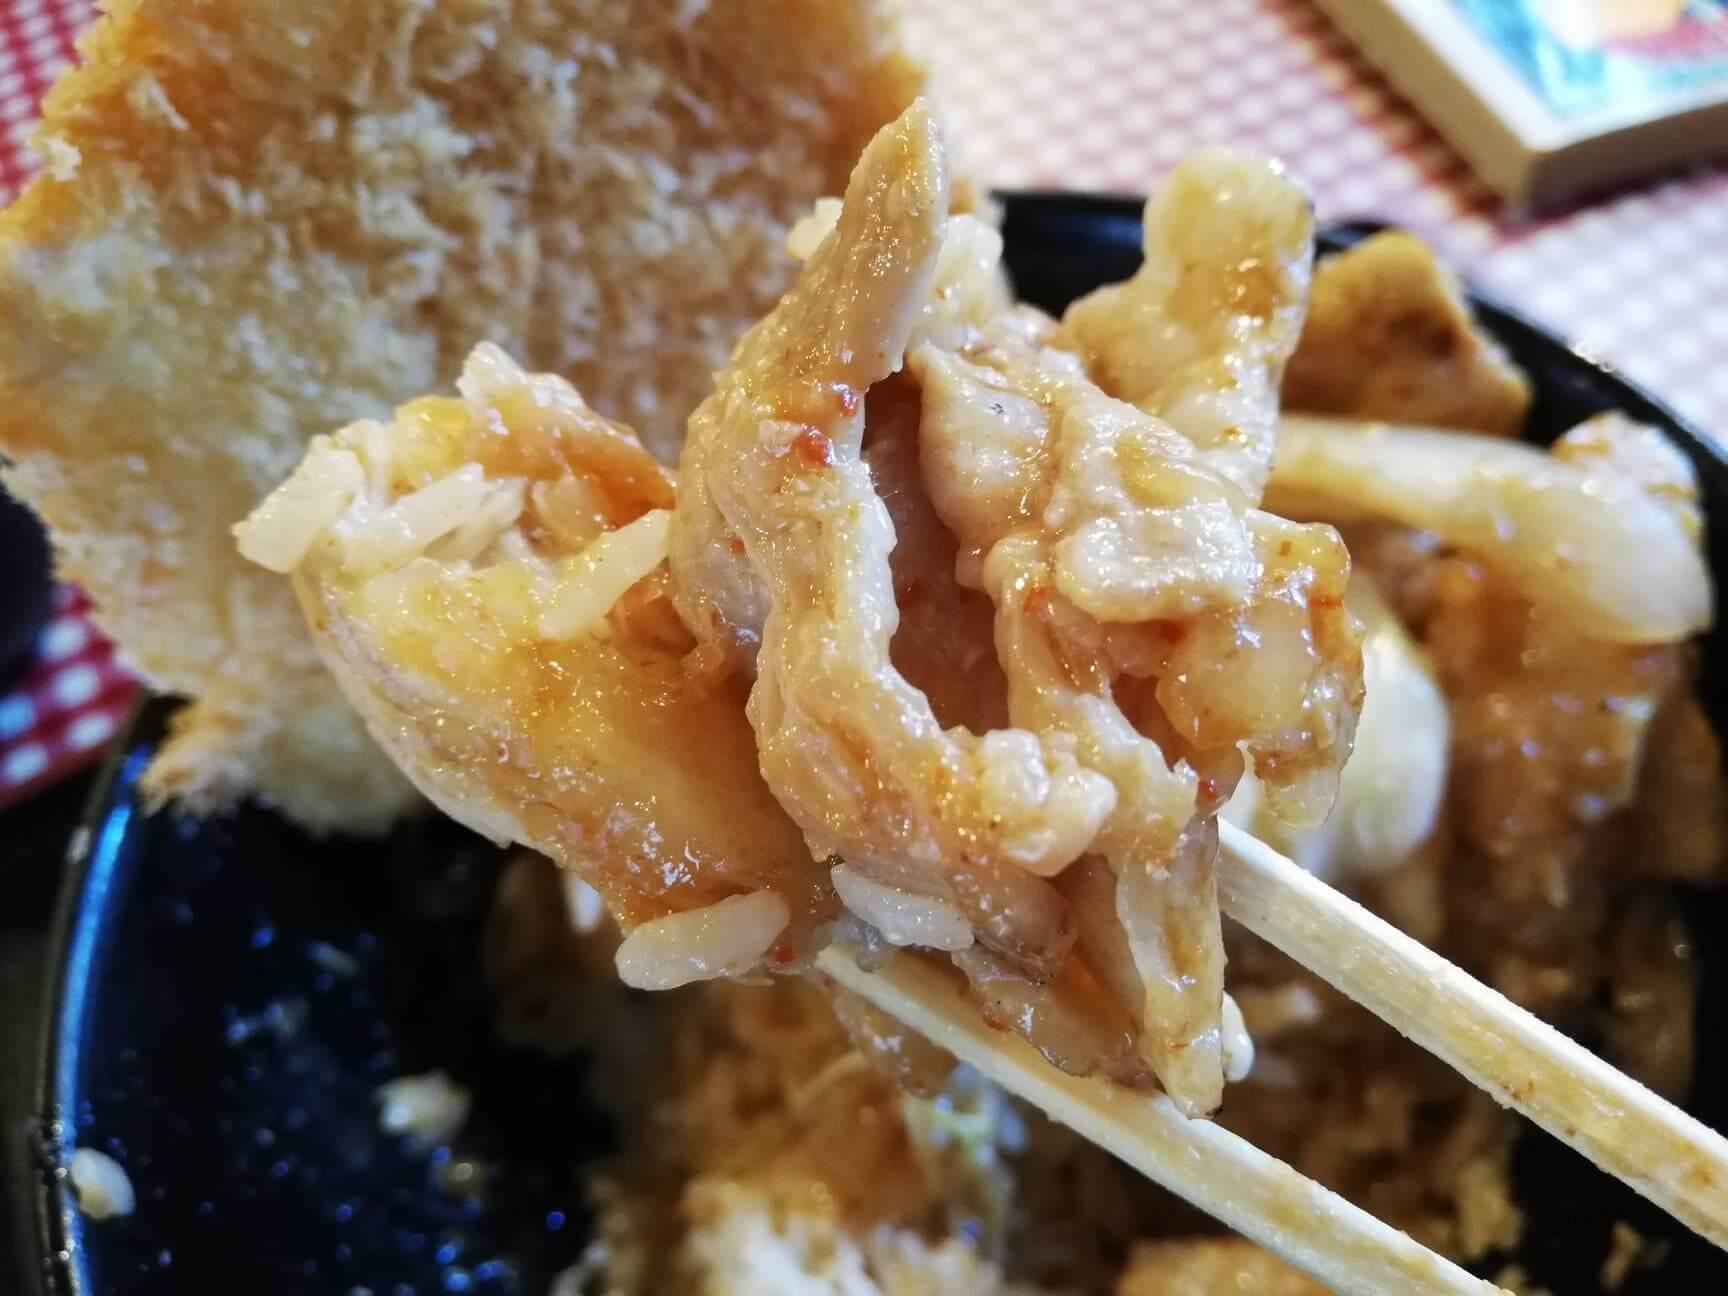 江古田『キッチン男の晩ごはん女の昼ごはん』のスタミナ野郎丼(極み)の肉を、箸で持ち上げた写真